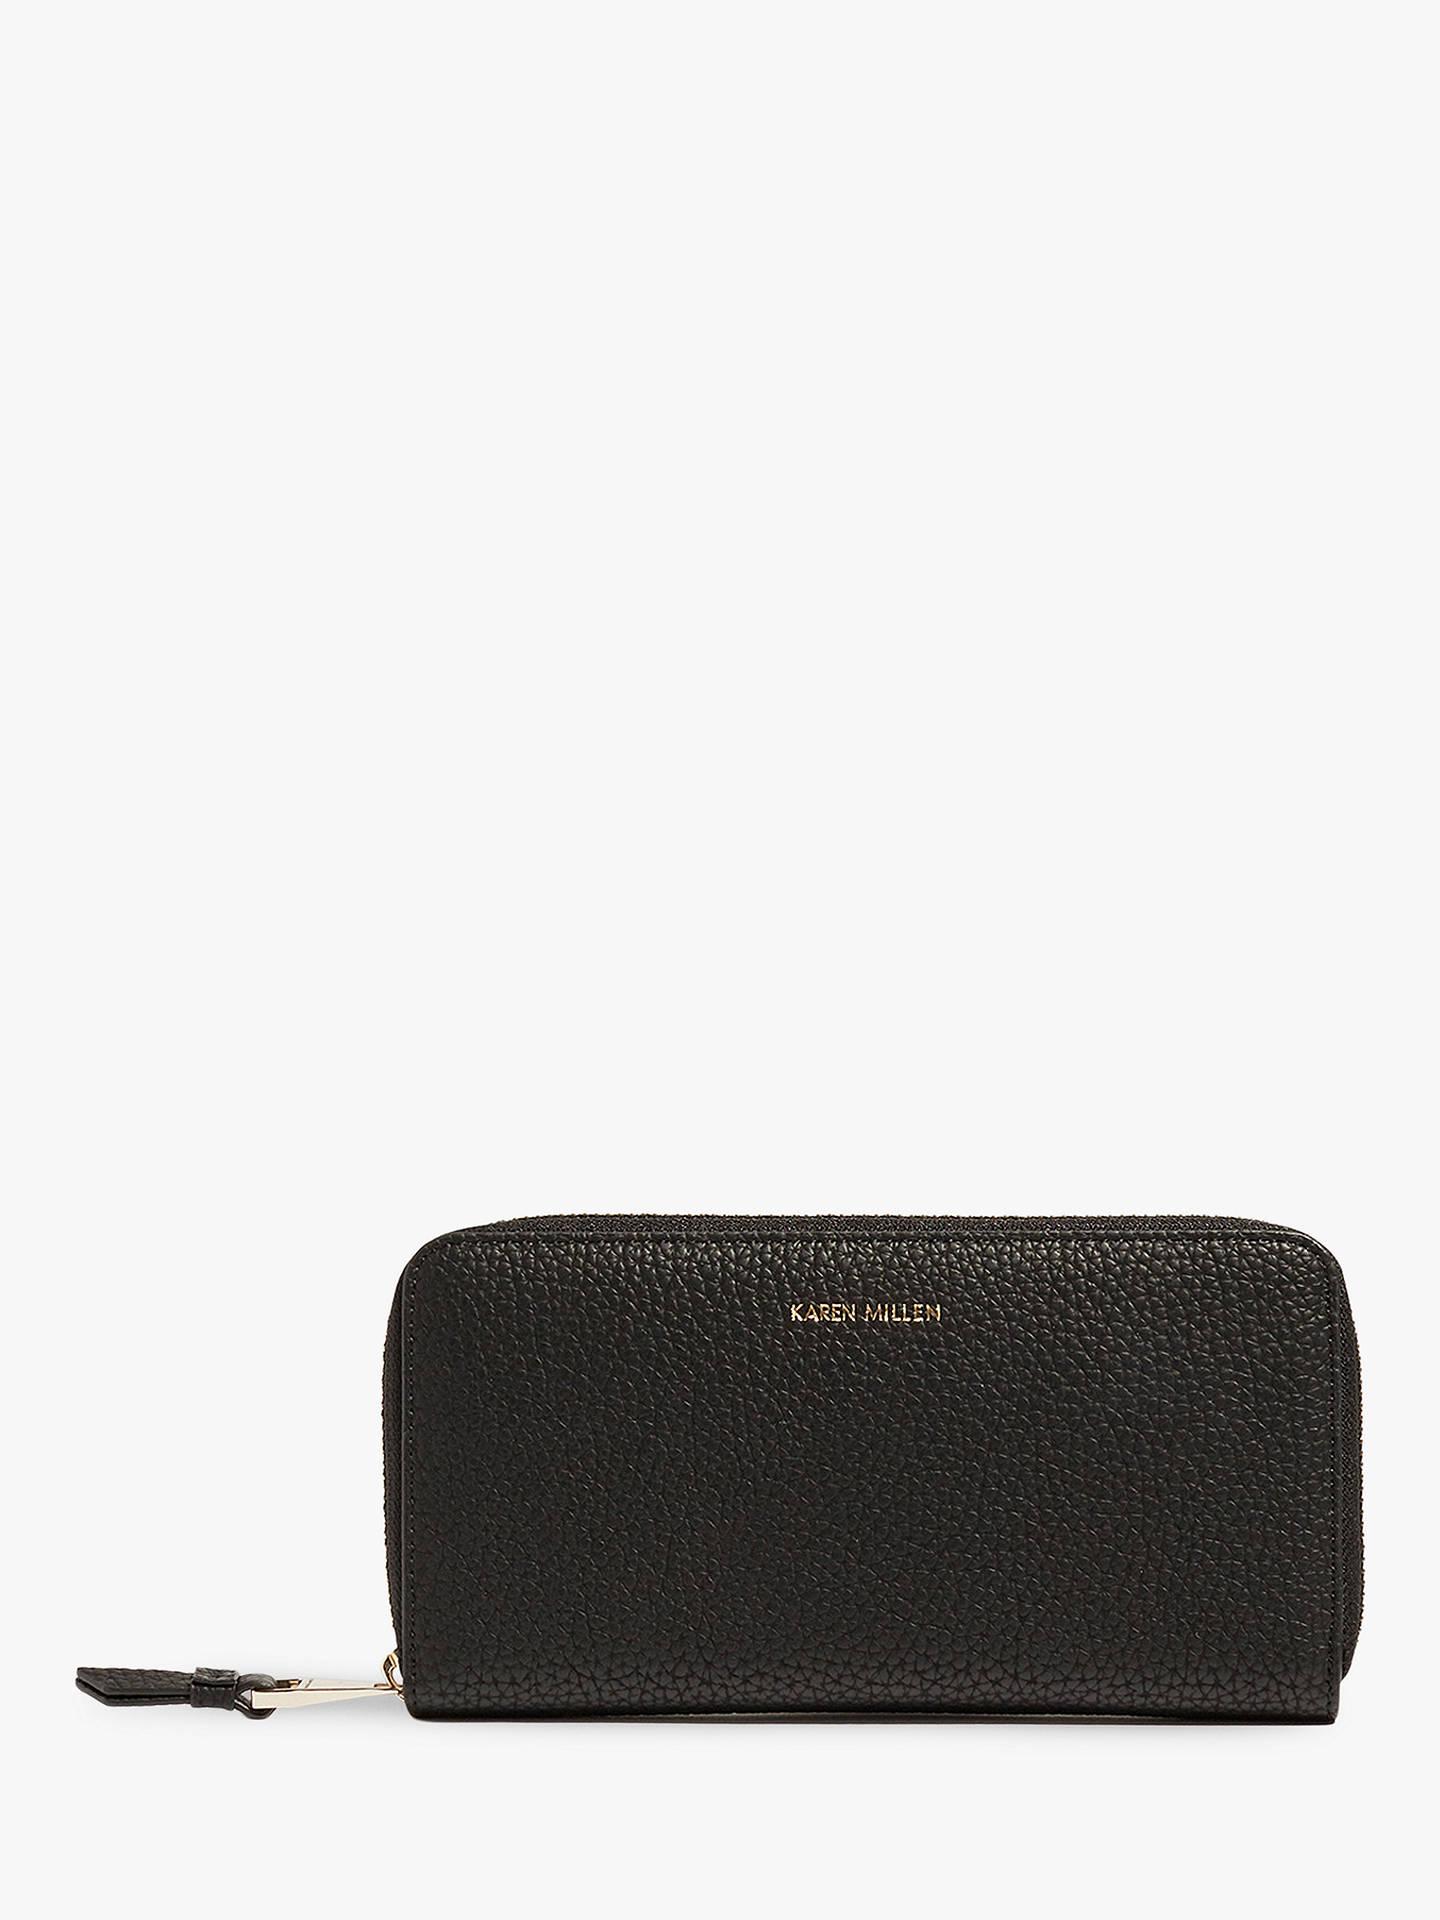 a437bd8fbe1 Buy Karen Millen Textured Zip Around Purse, Black Online at johnlewis.com  ...